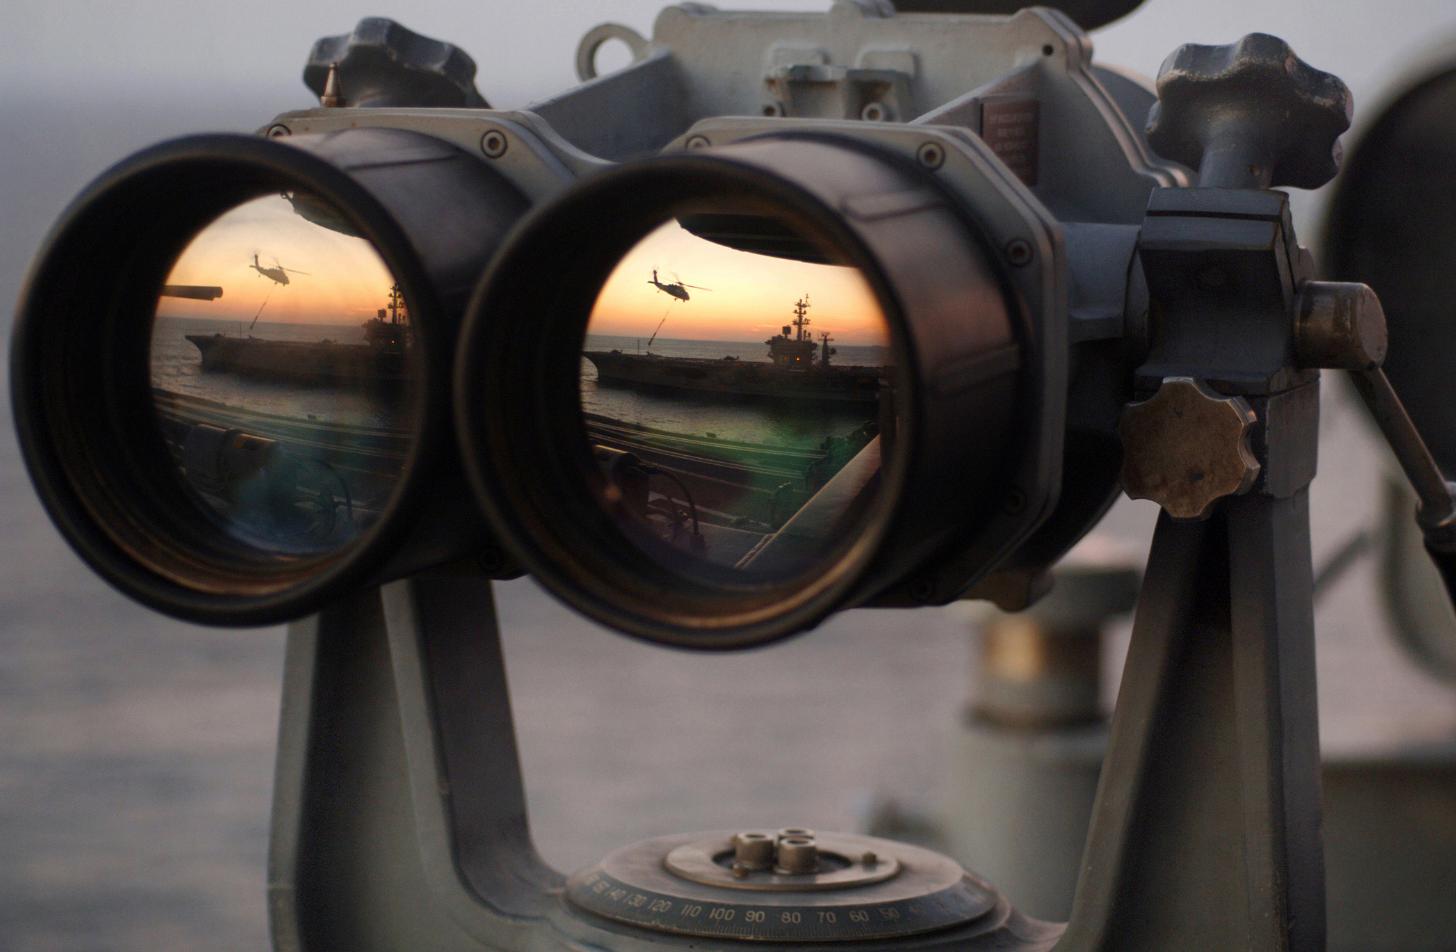 як організувати бізнес по установці стаціонарного телескопа